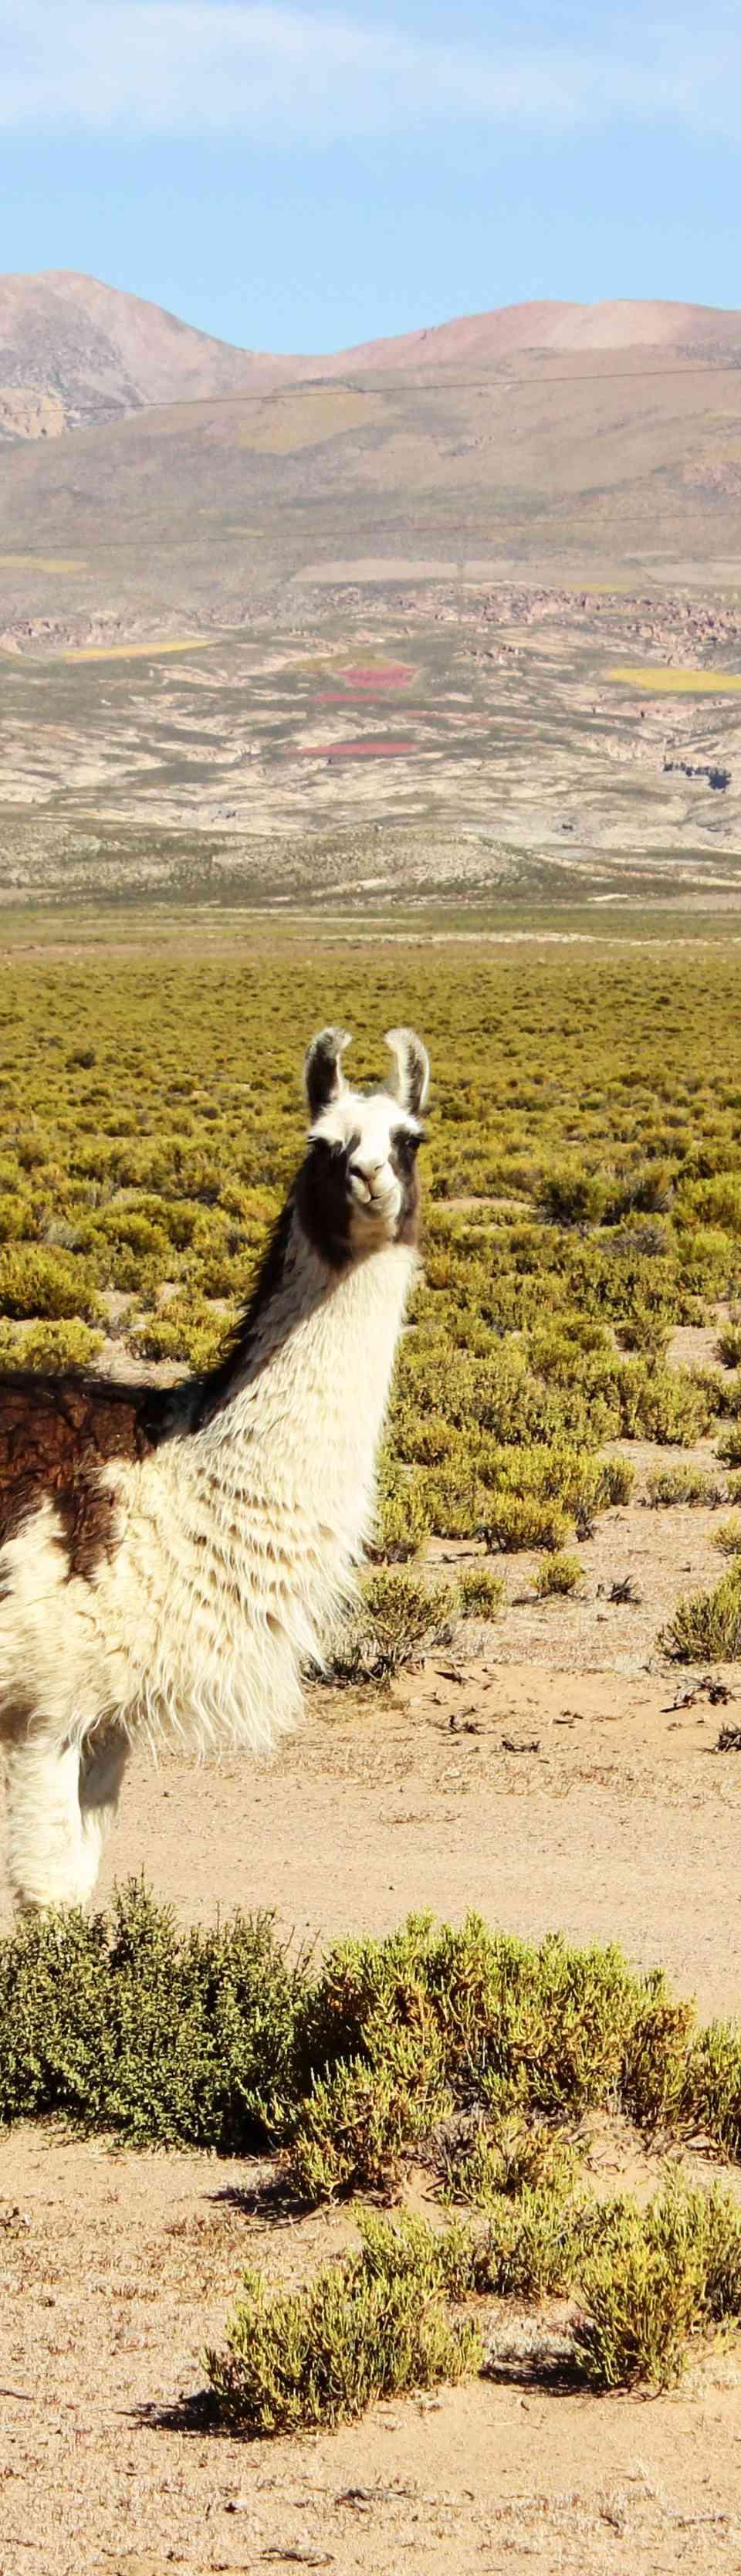 Alpaca in the Atacama Desert